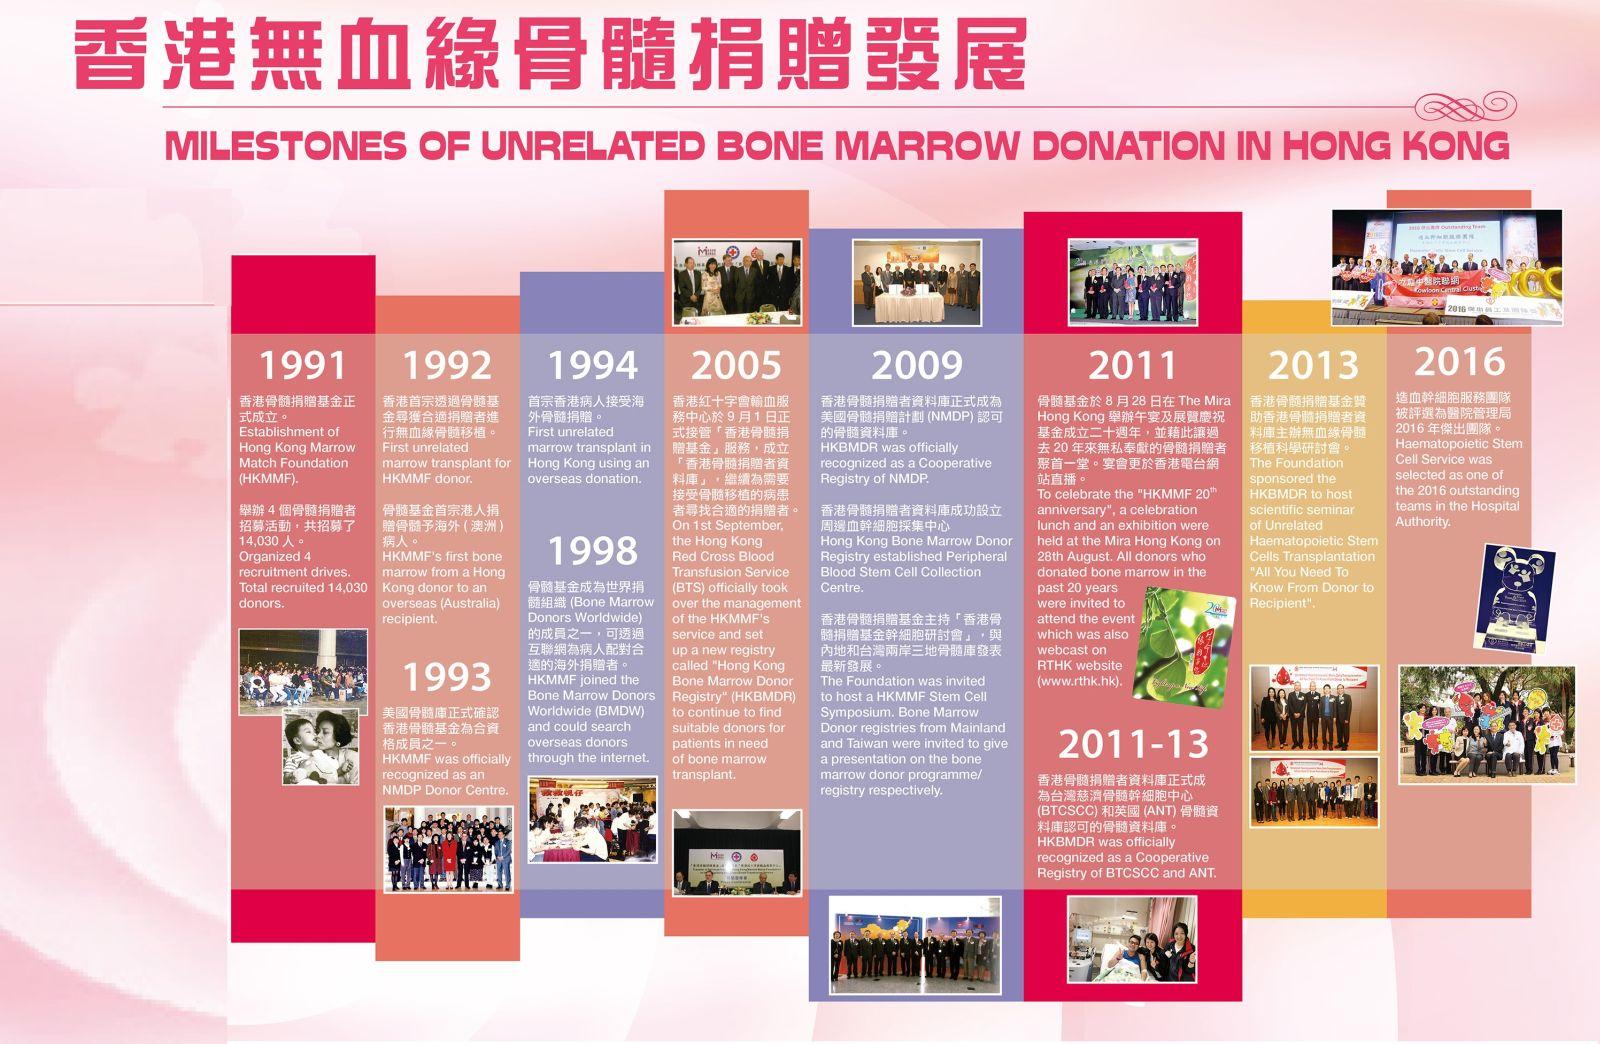 圖片: 香港无血缘骨髓捐赠发展